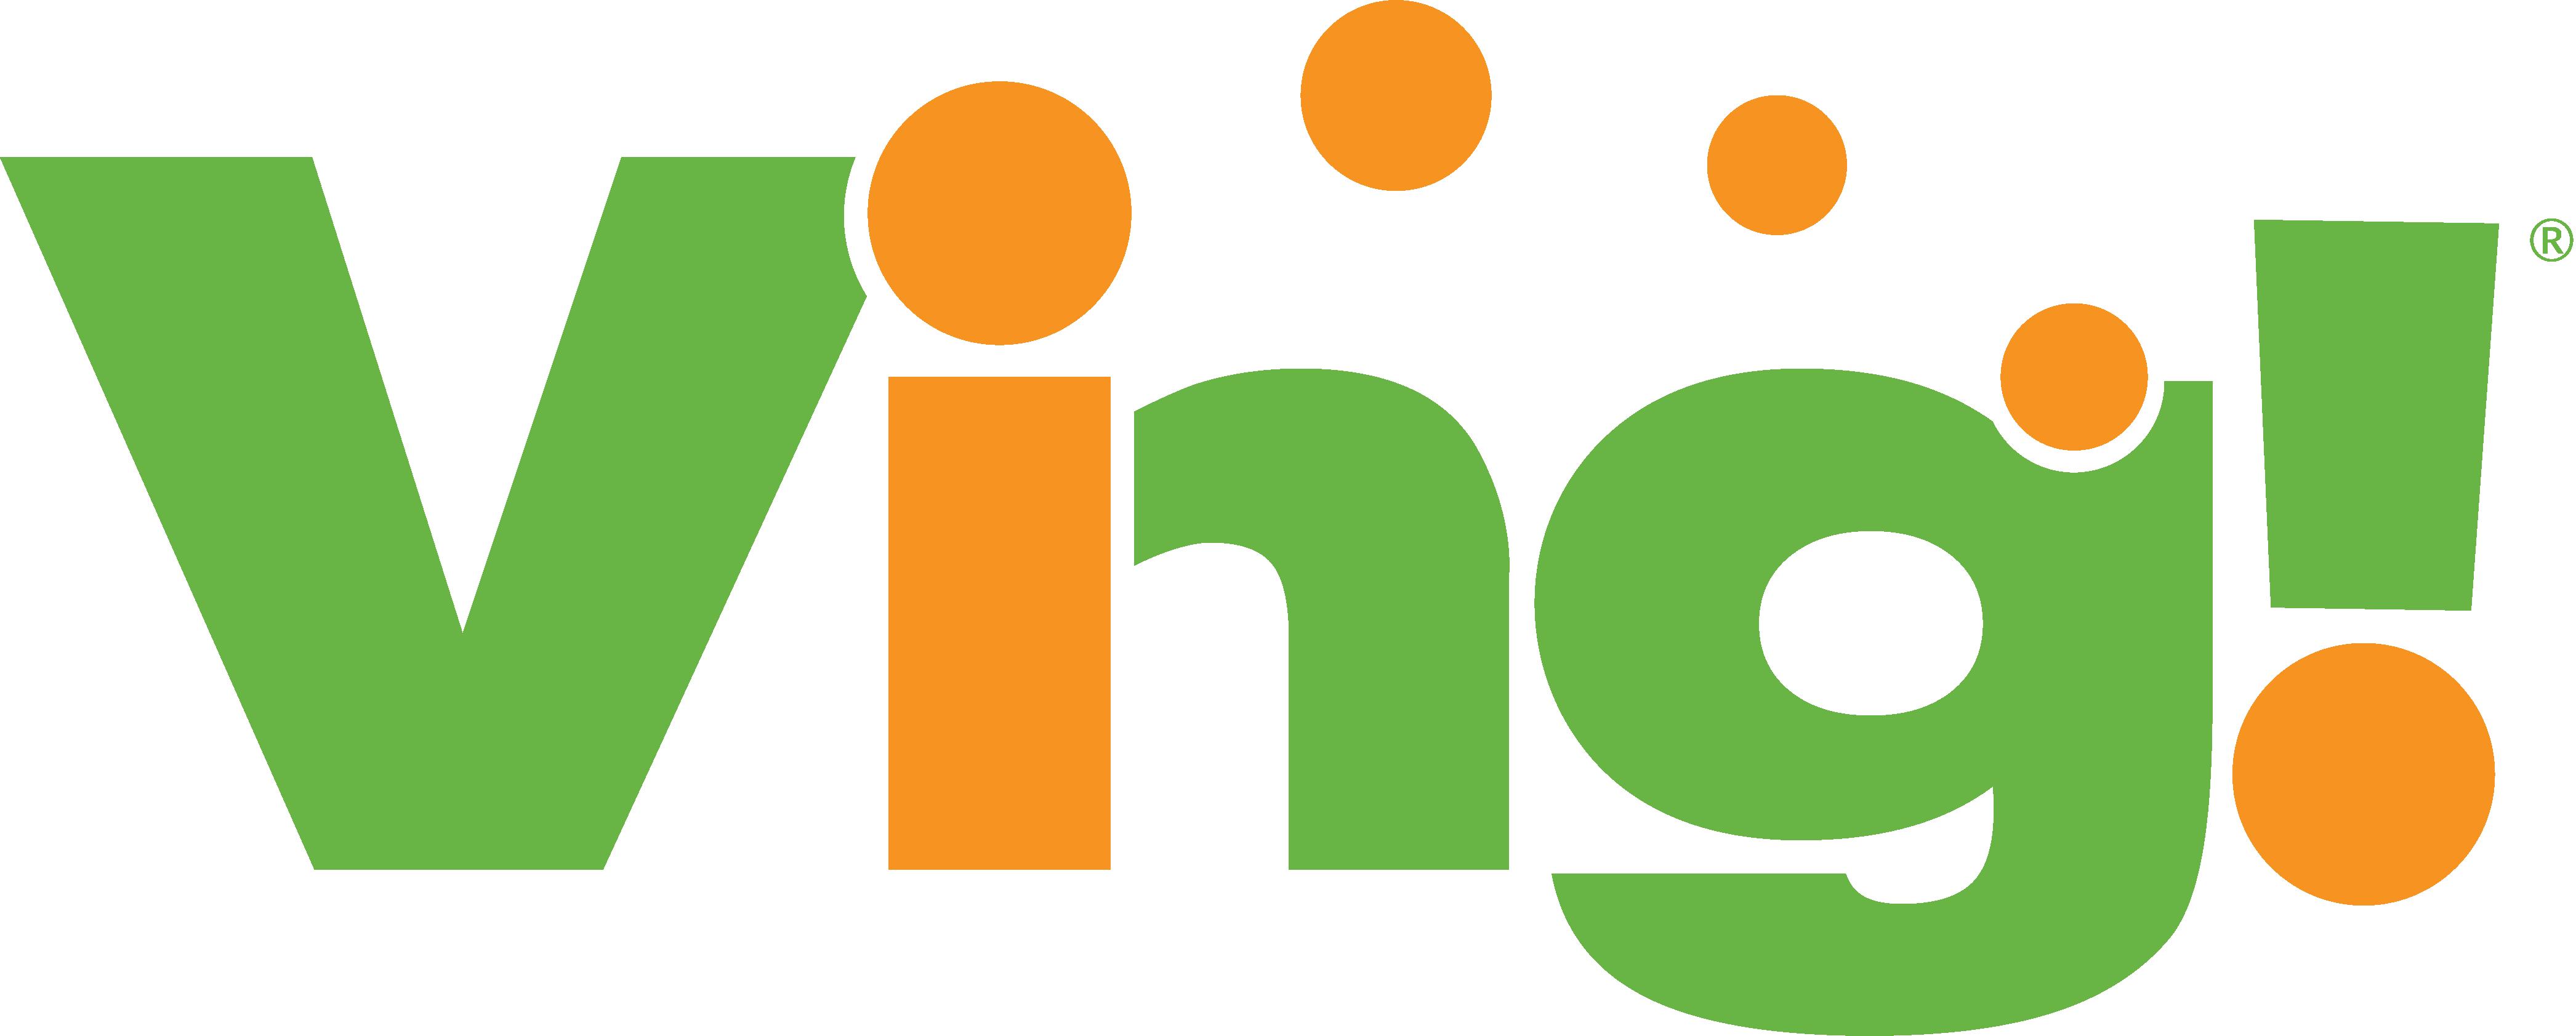 vingapp.png